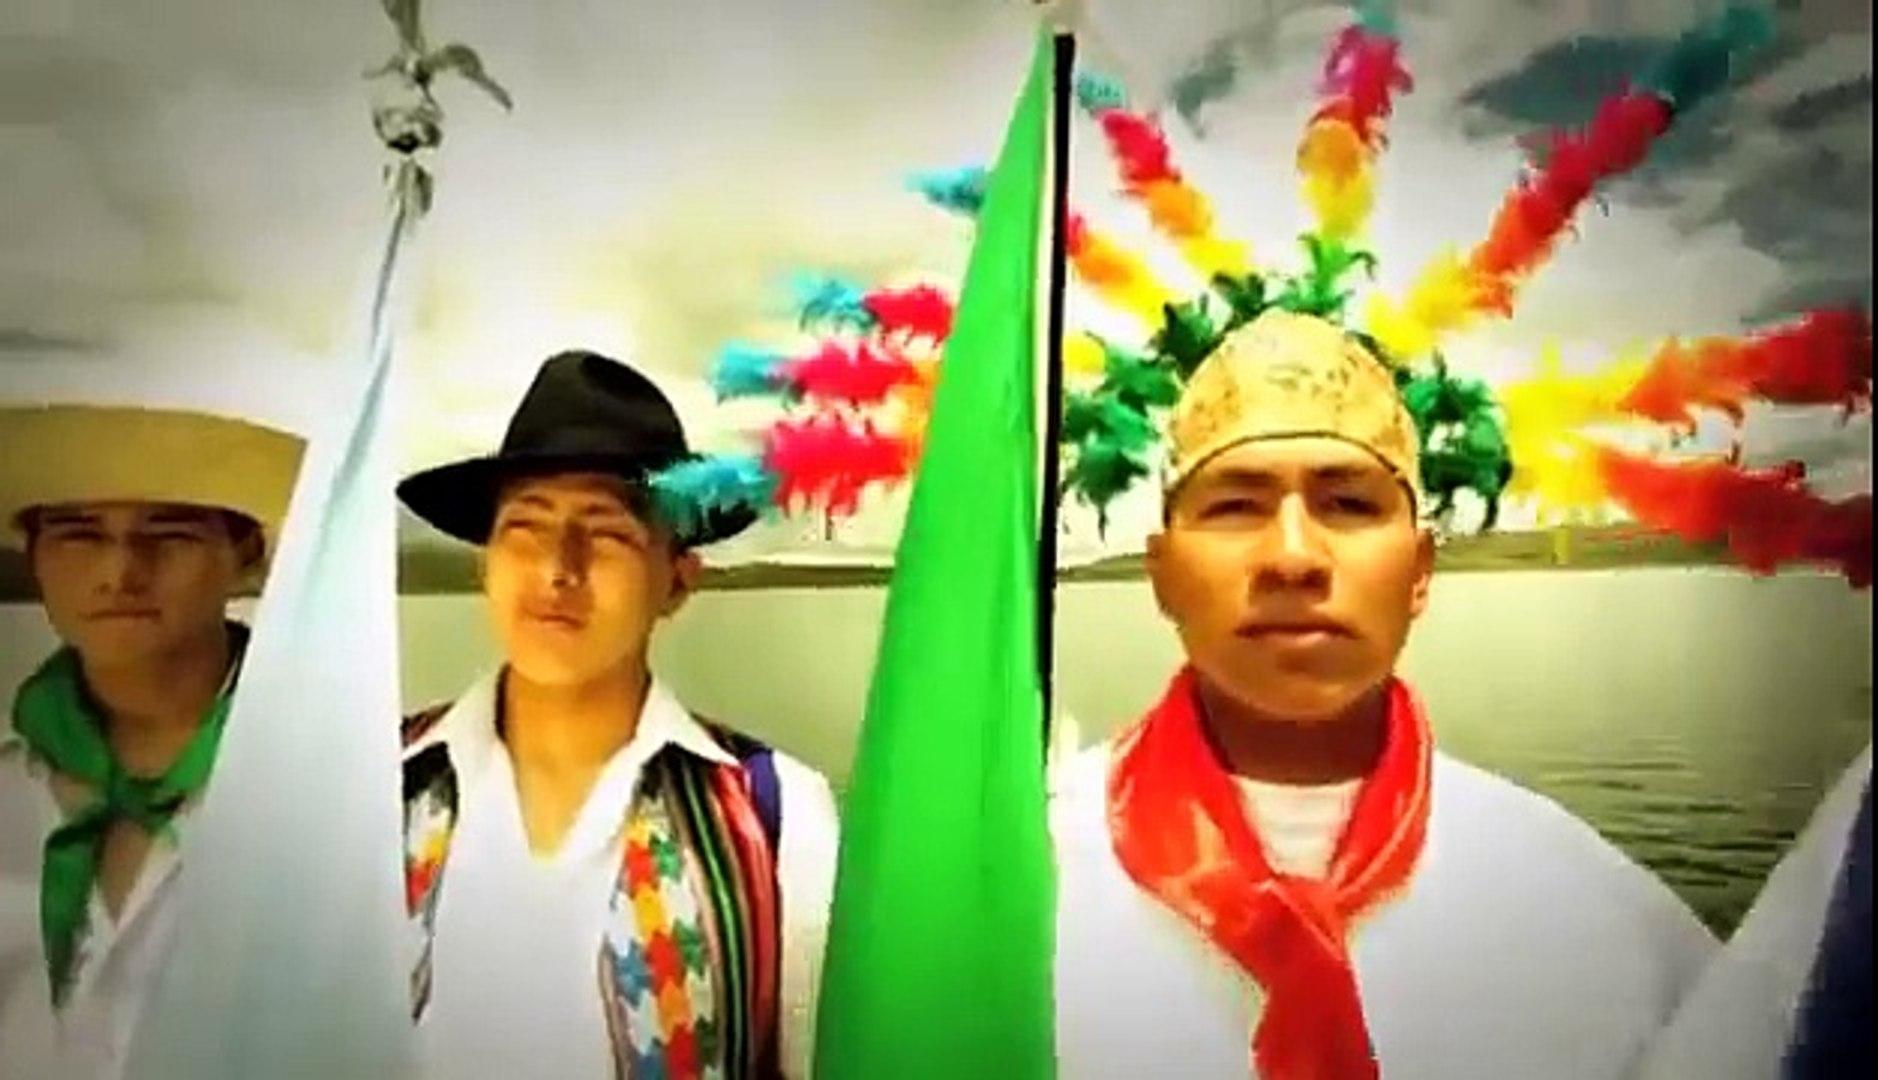 Cancion al MAR - Enriqueta Ulloa - BOLIVIA 2013